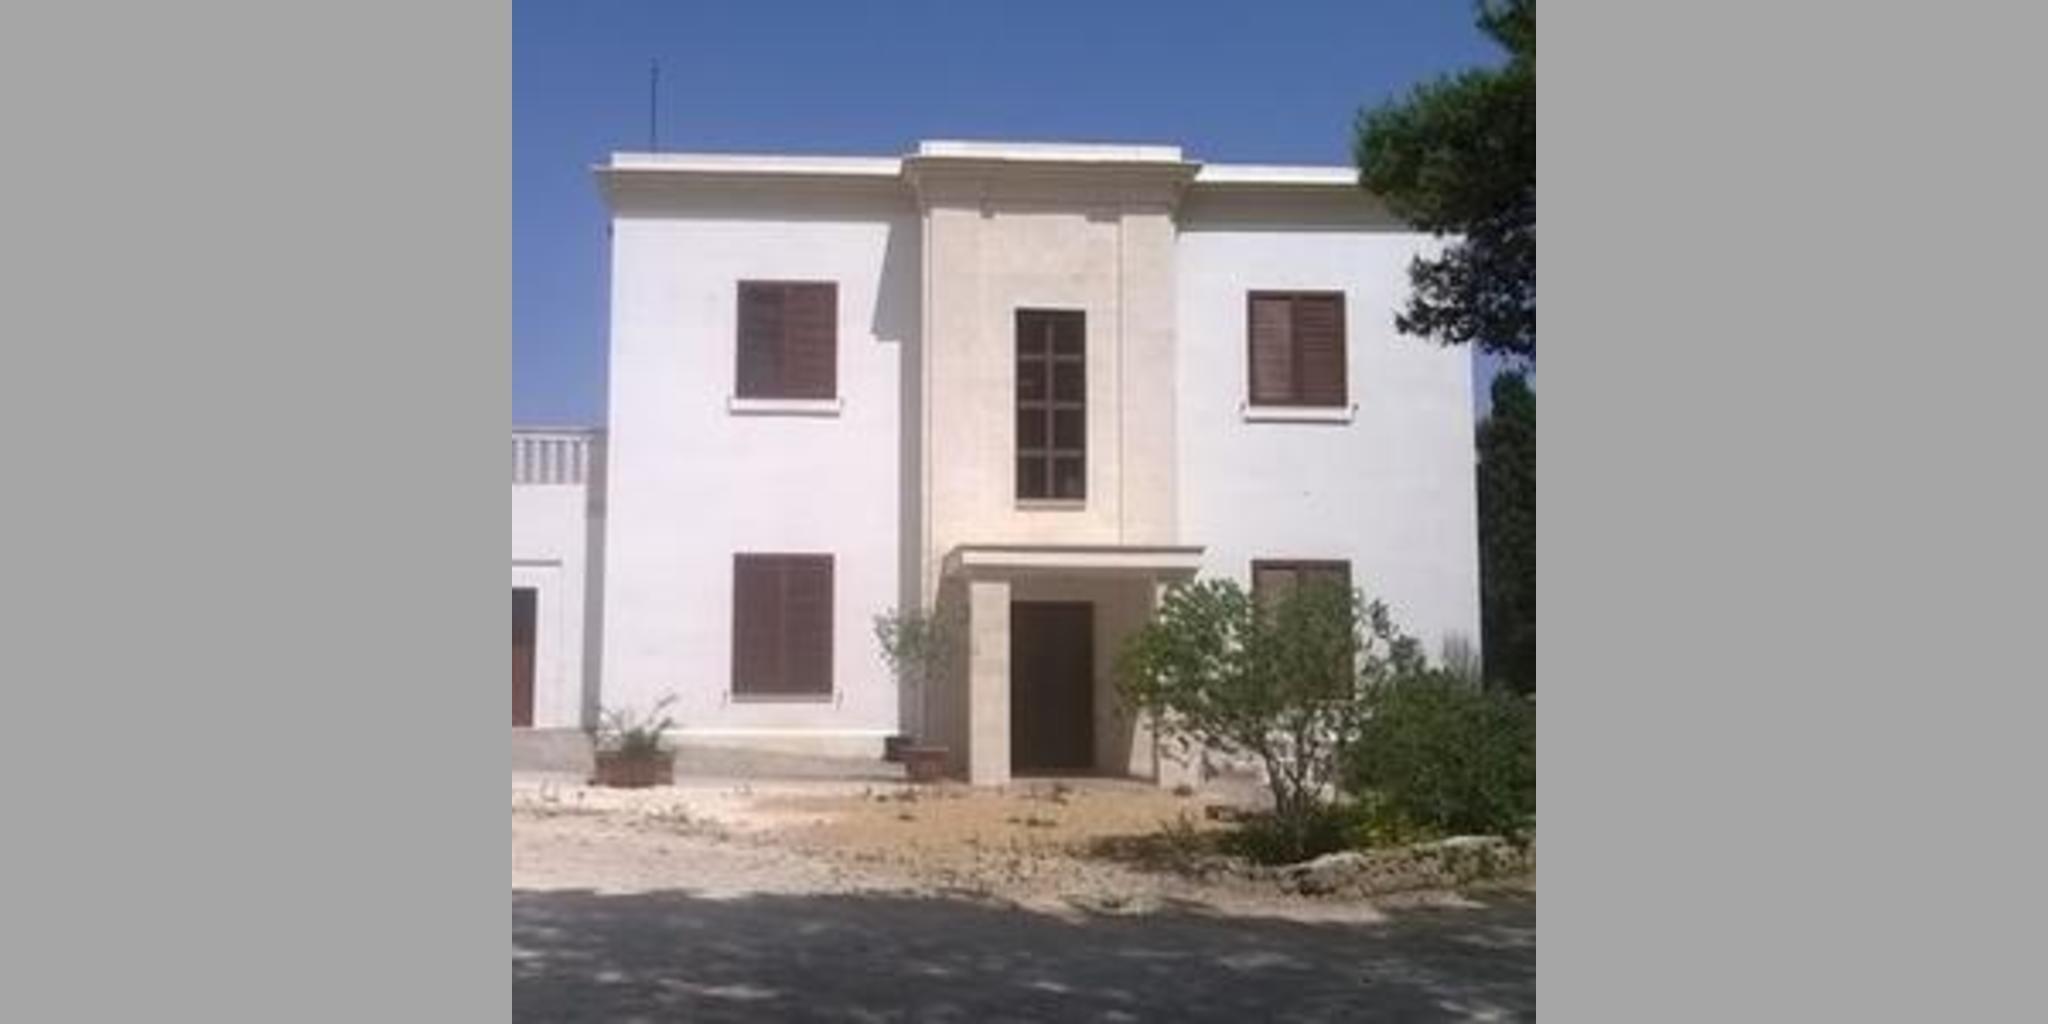 Guest House Lizzano - Masseria Belvedere